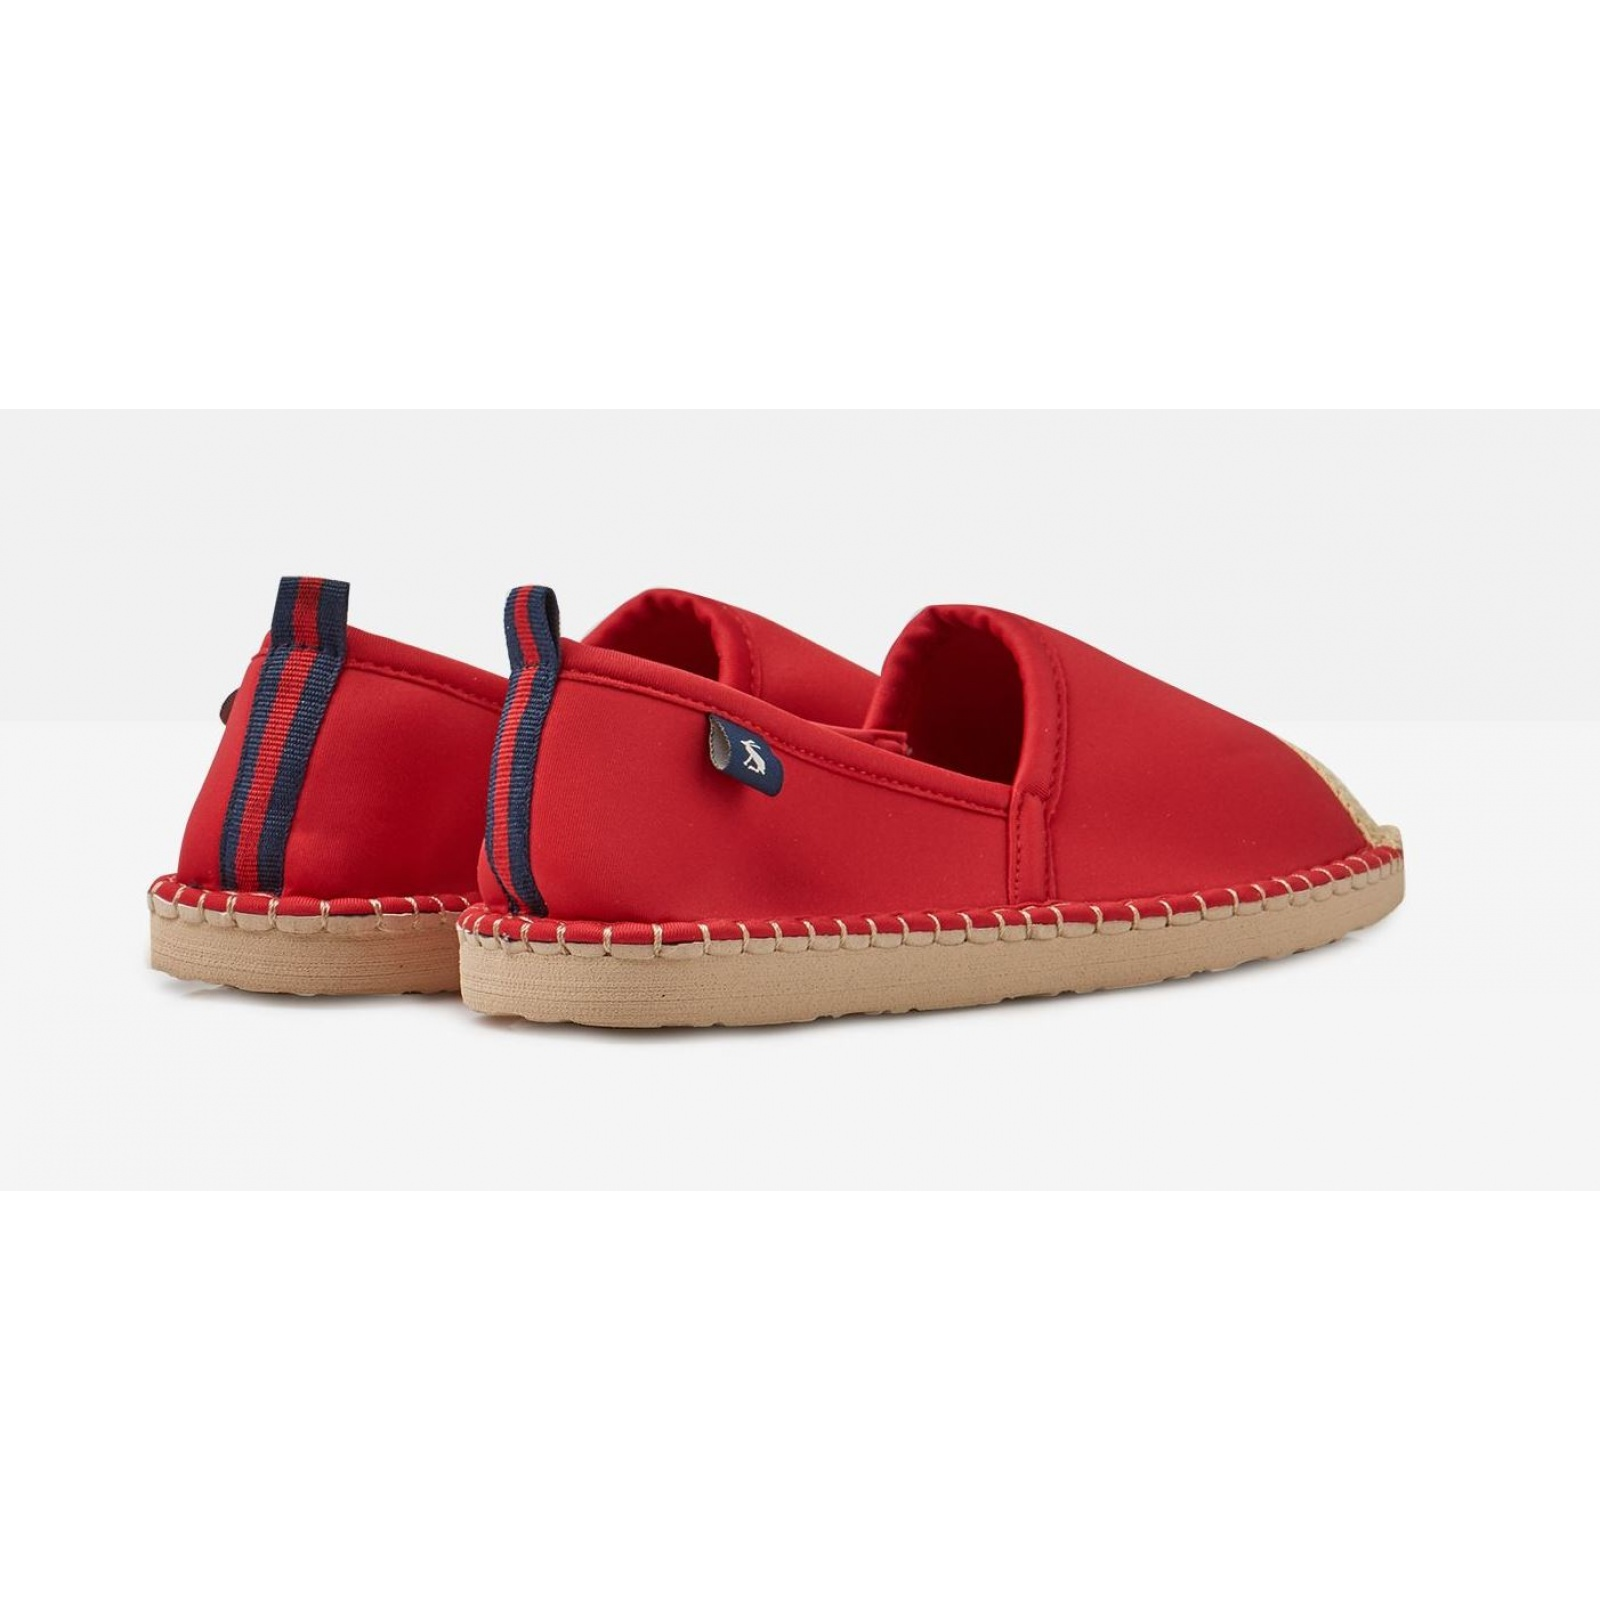 Joules-Ocean-Flipadrille-Lightweight-Summer-Shoe-SS19 miniature 19